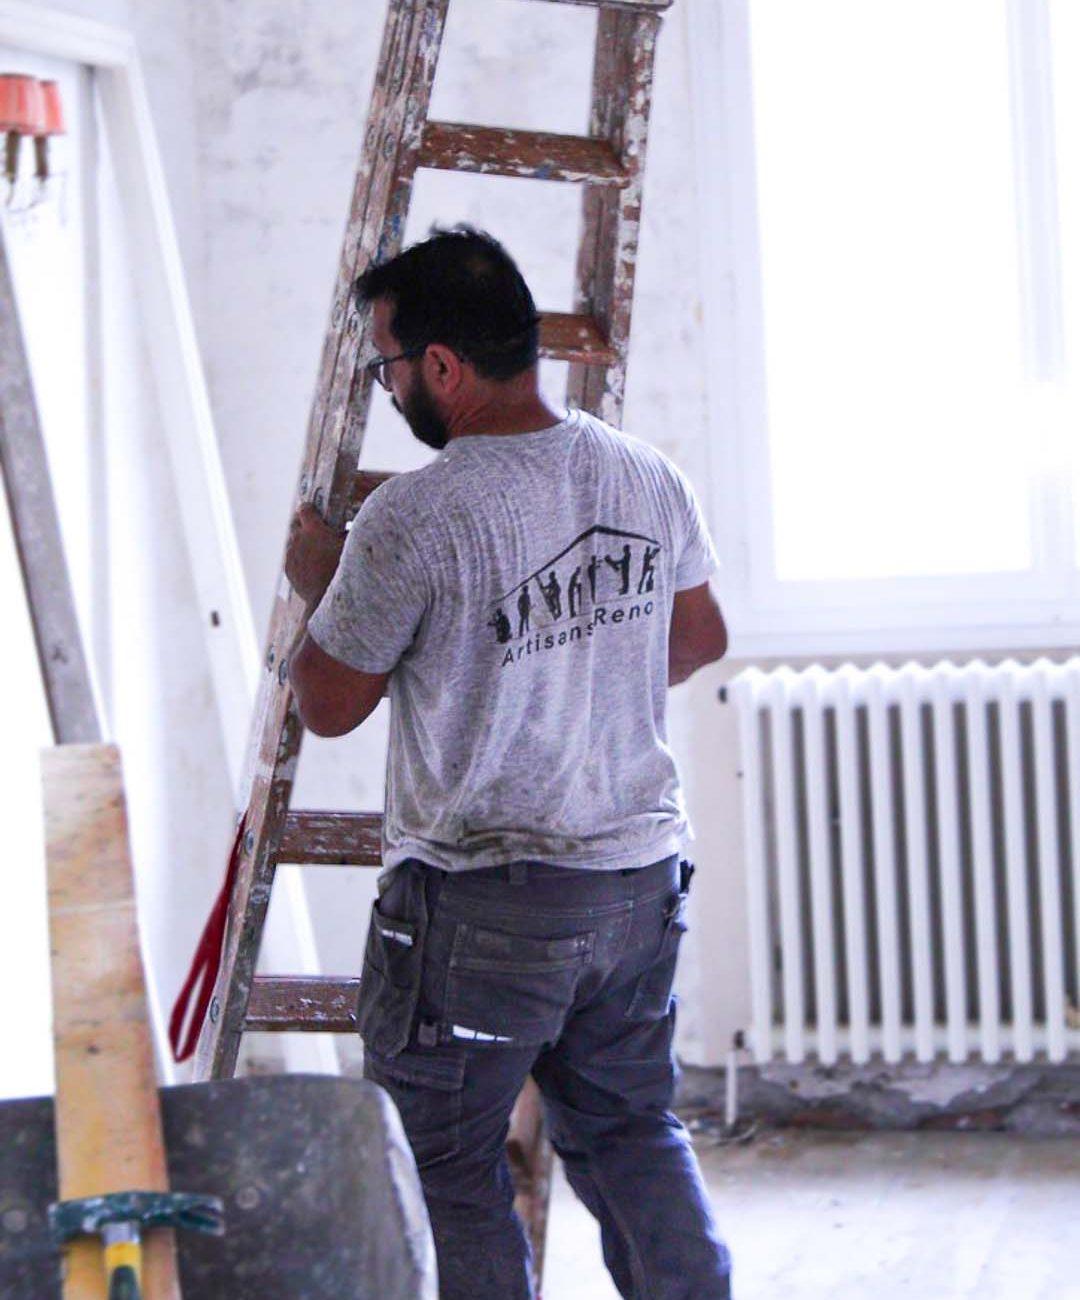 Artisan en isolation à Toulouse